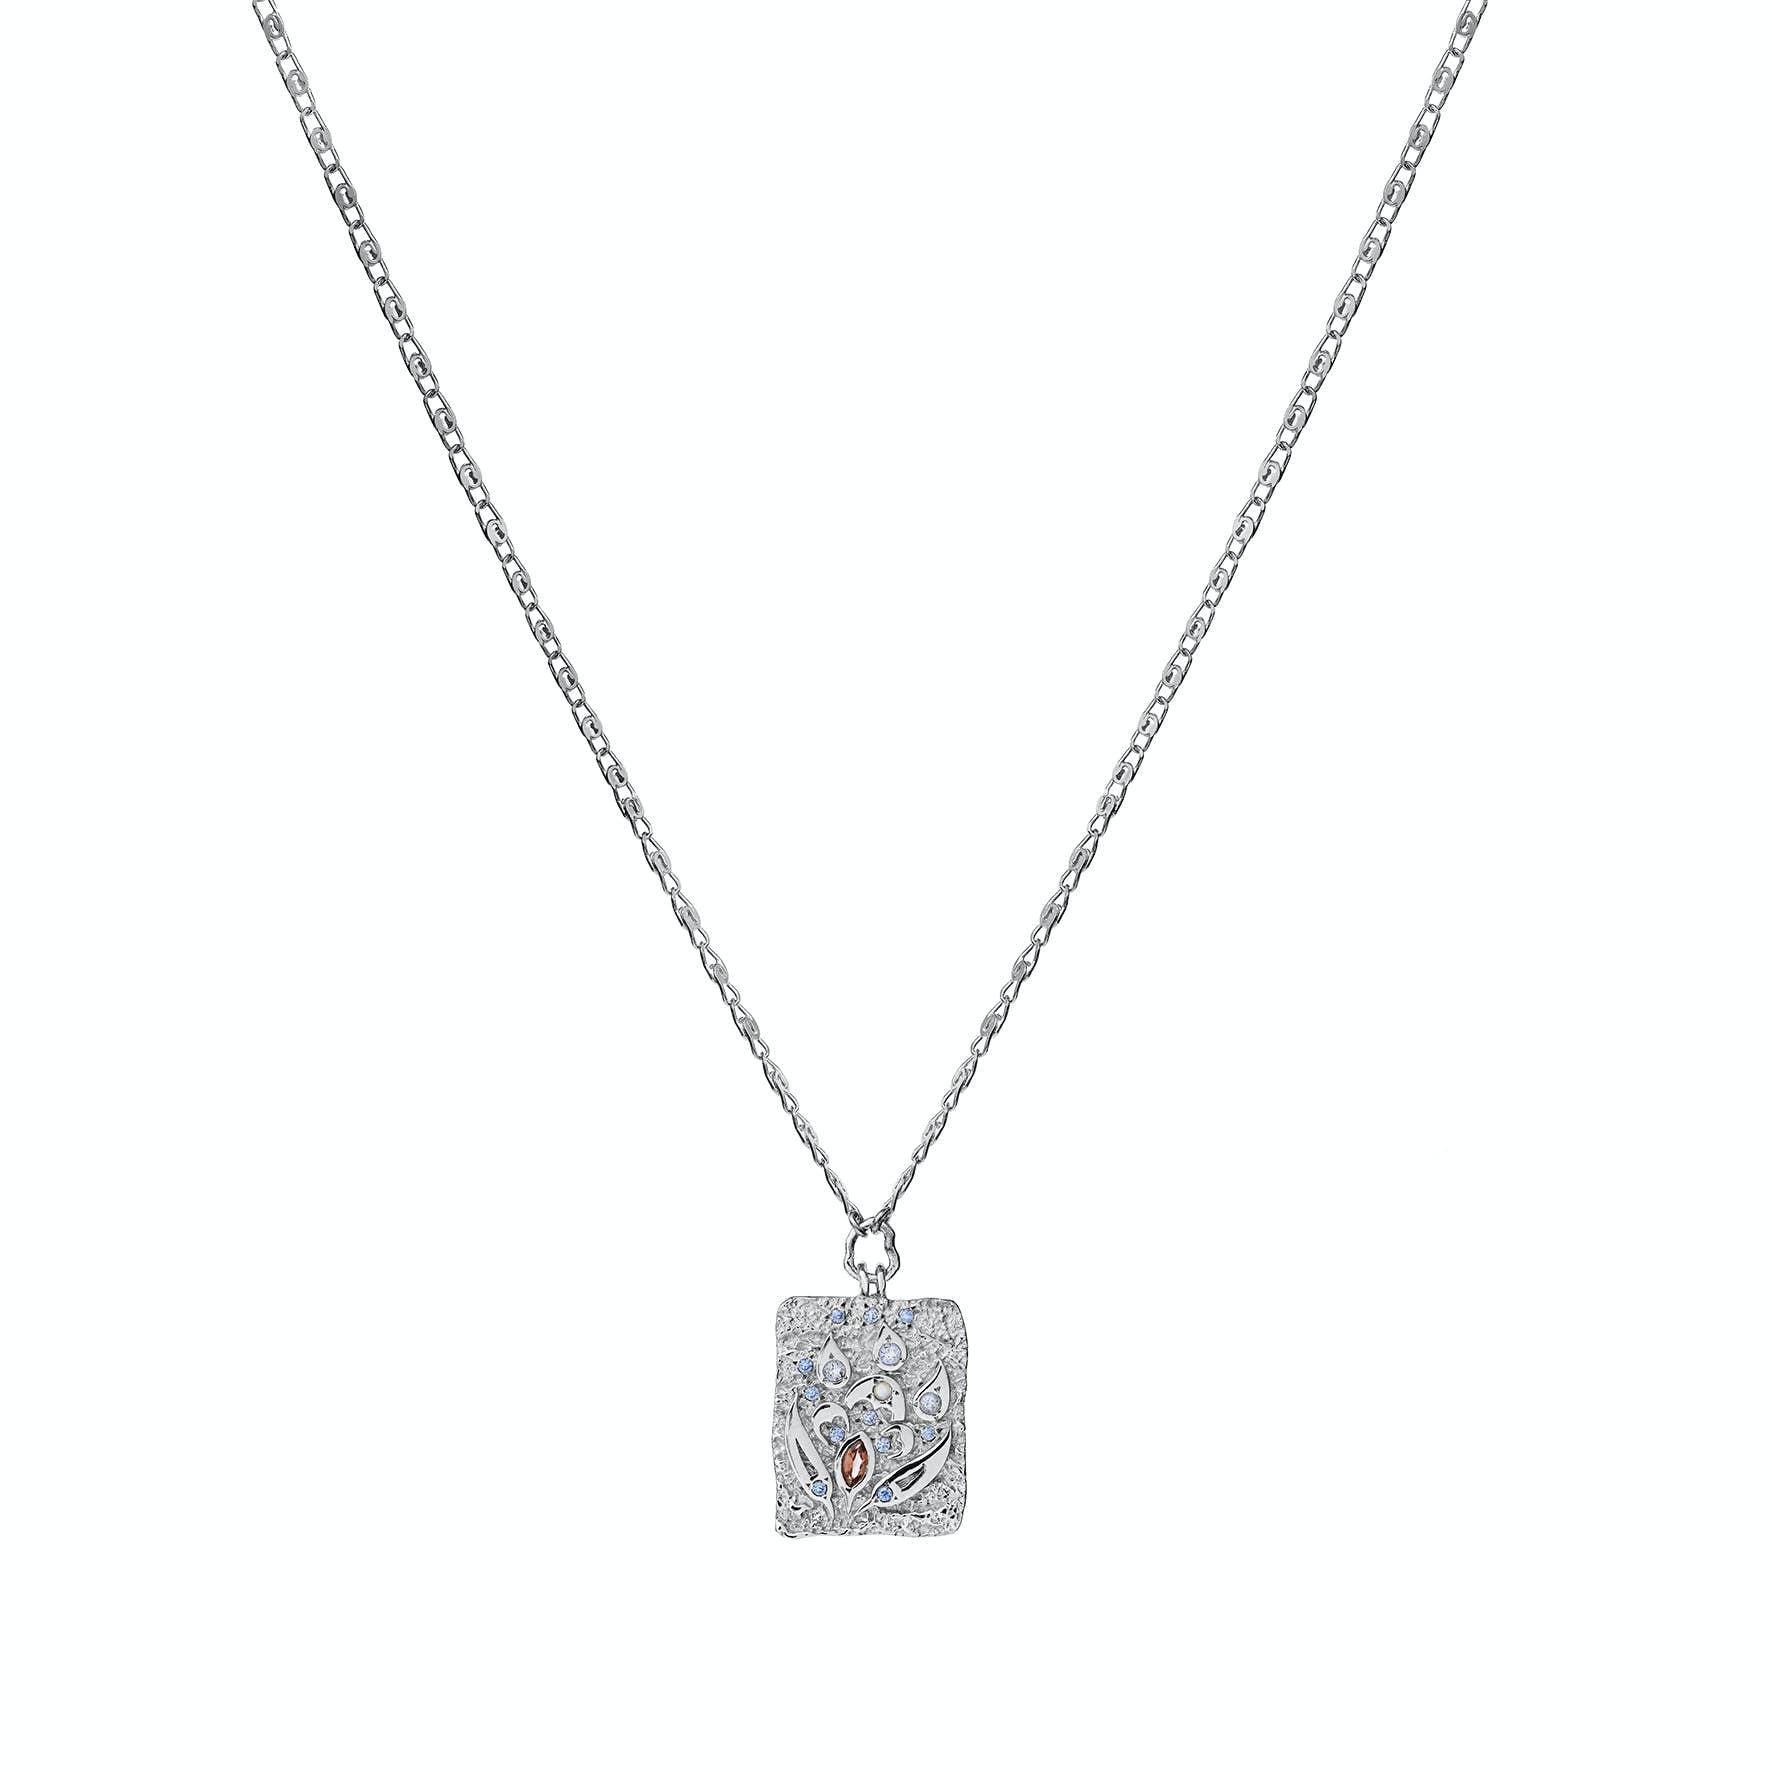 Fleur Necklace von Maanesten in Silber Sterling 925